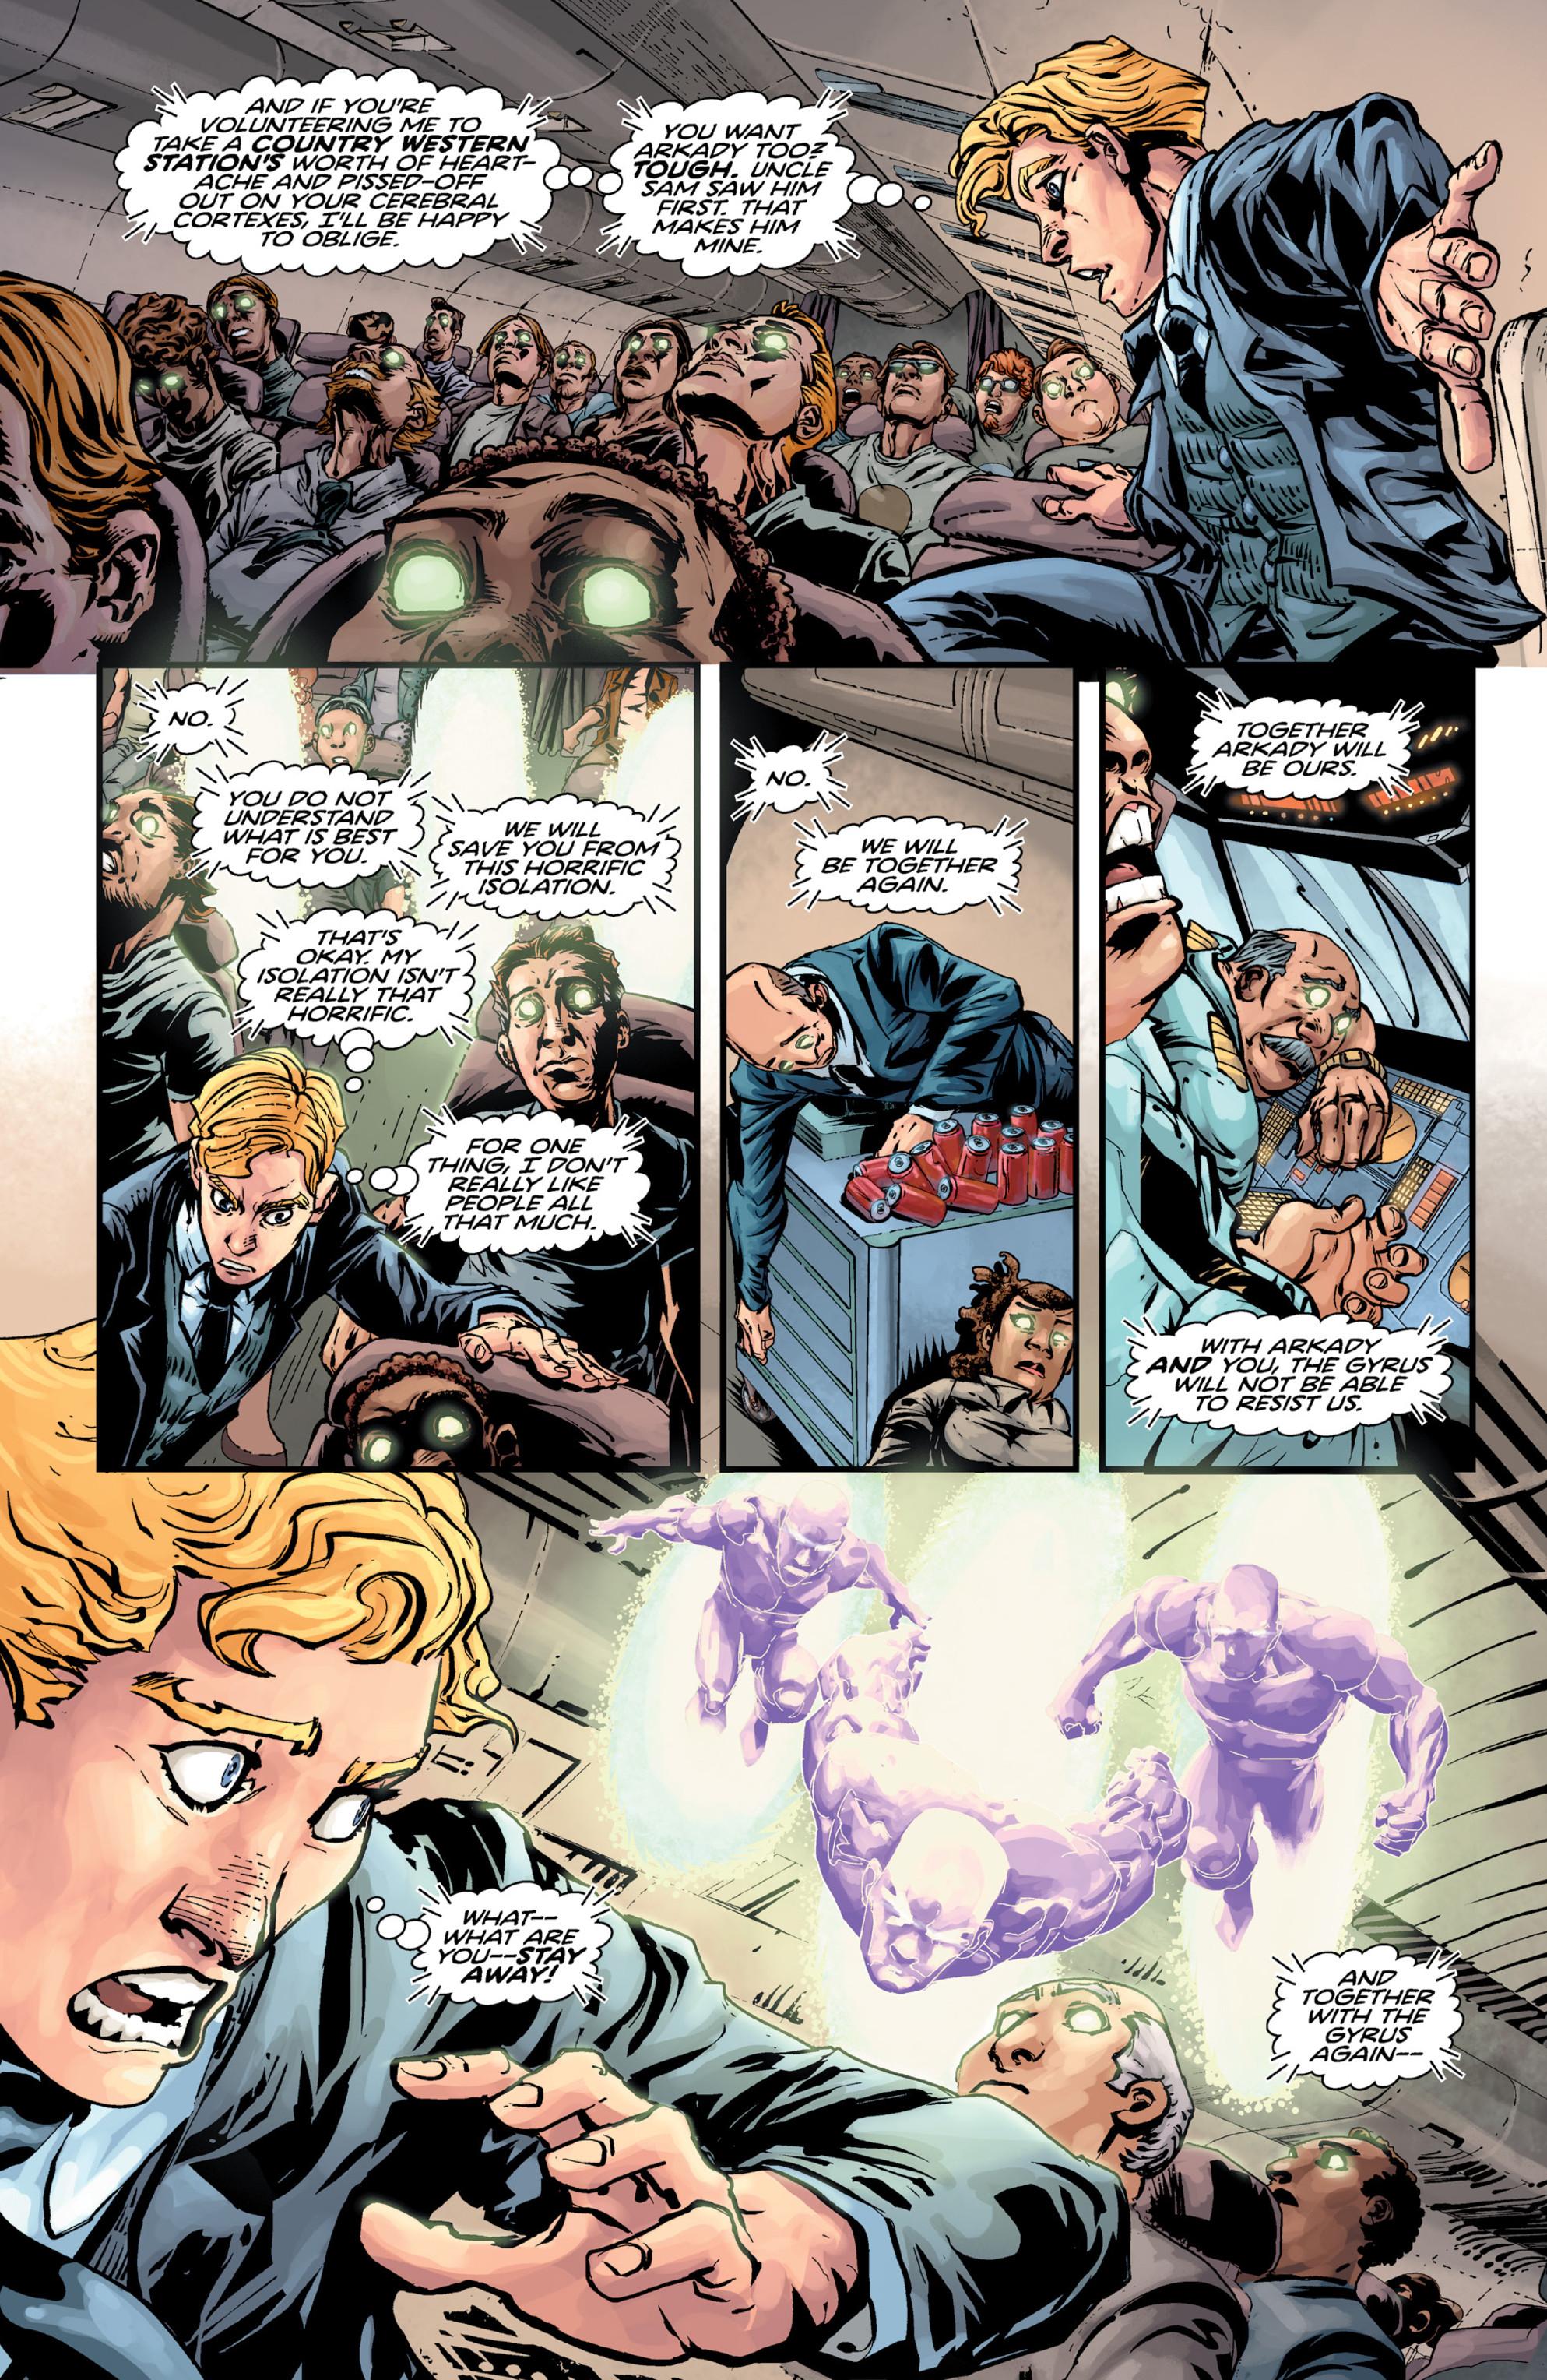 Read online Brain Boy:  The Men from G.E.S.T.A.L.T. comic -  Issue # TPB - 28